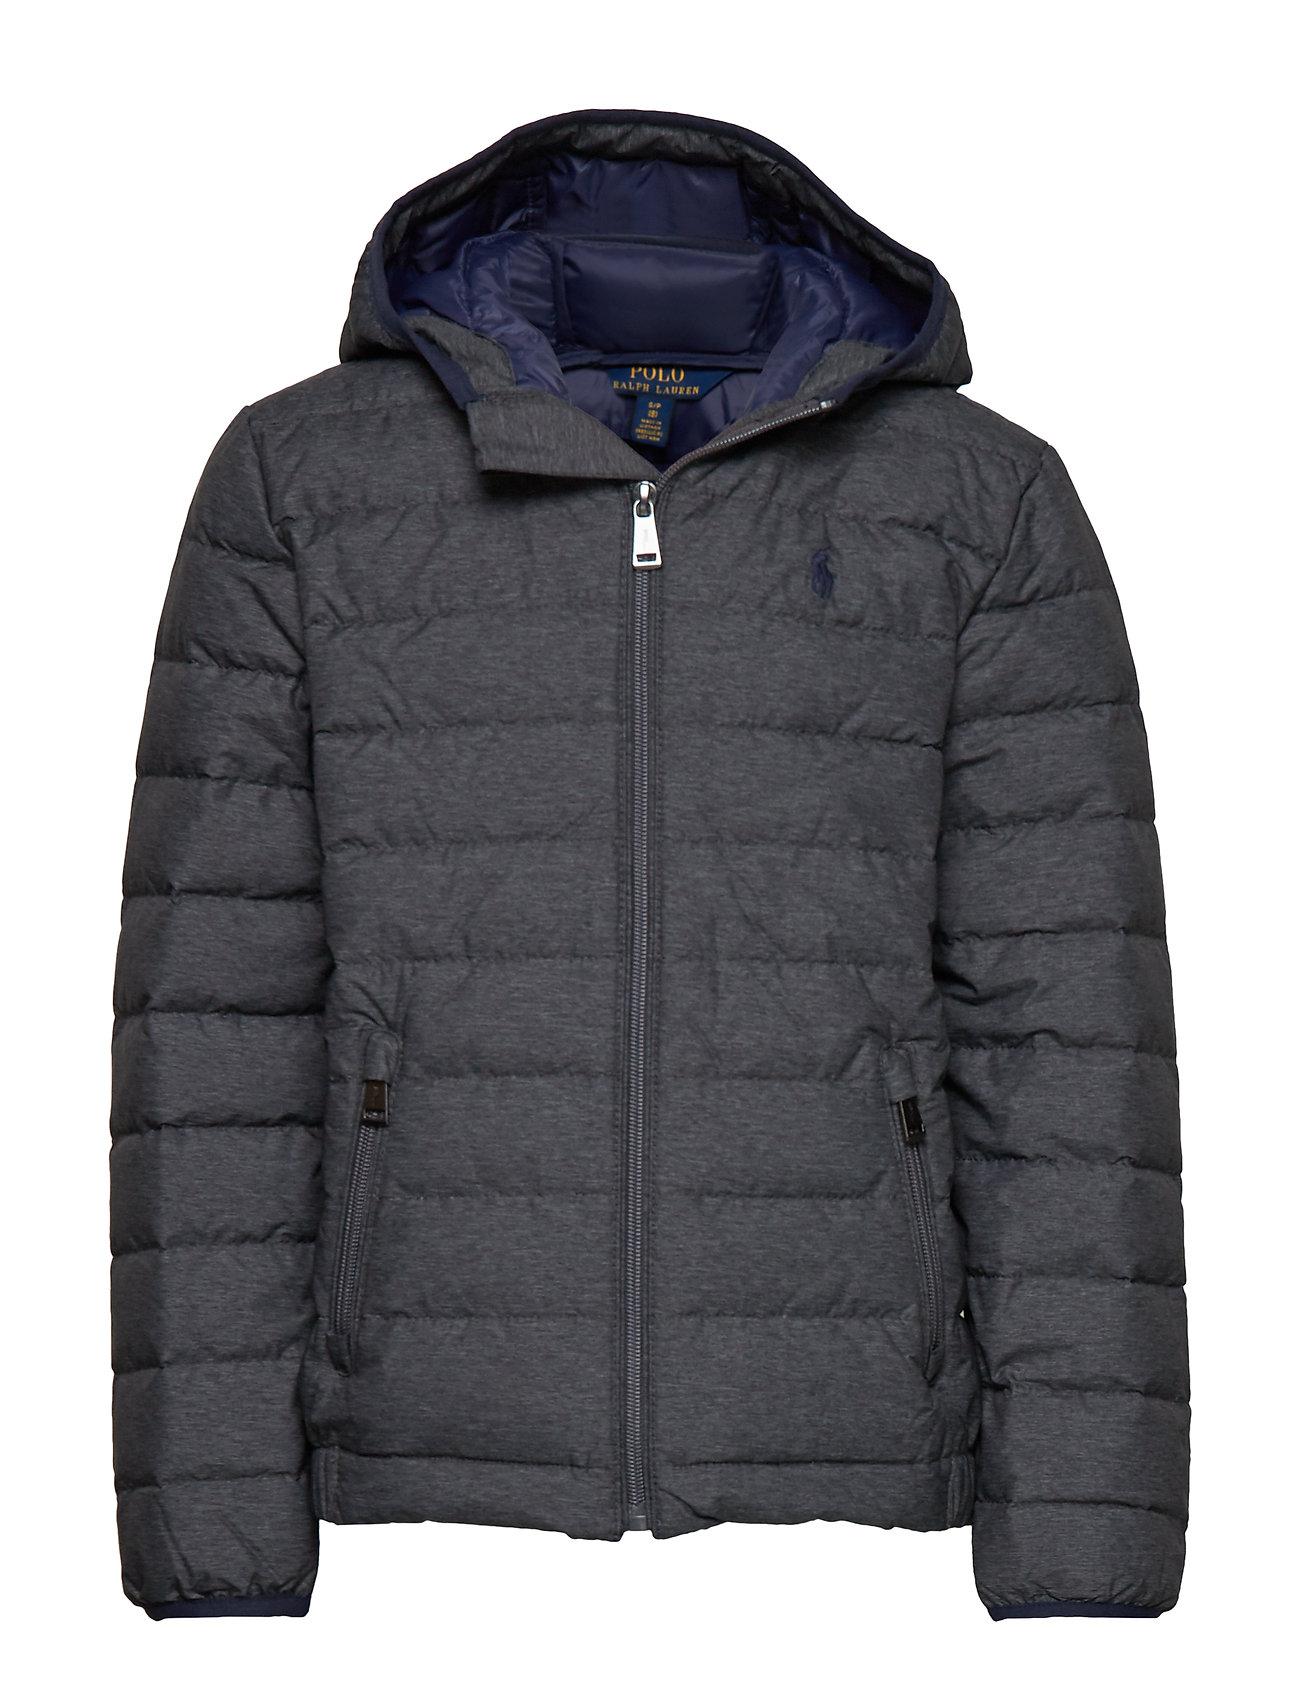 Ralph Lauren Kids Packable Quilted Down Jacket - MECHANIC GREY